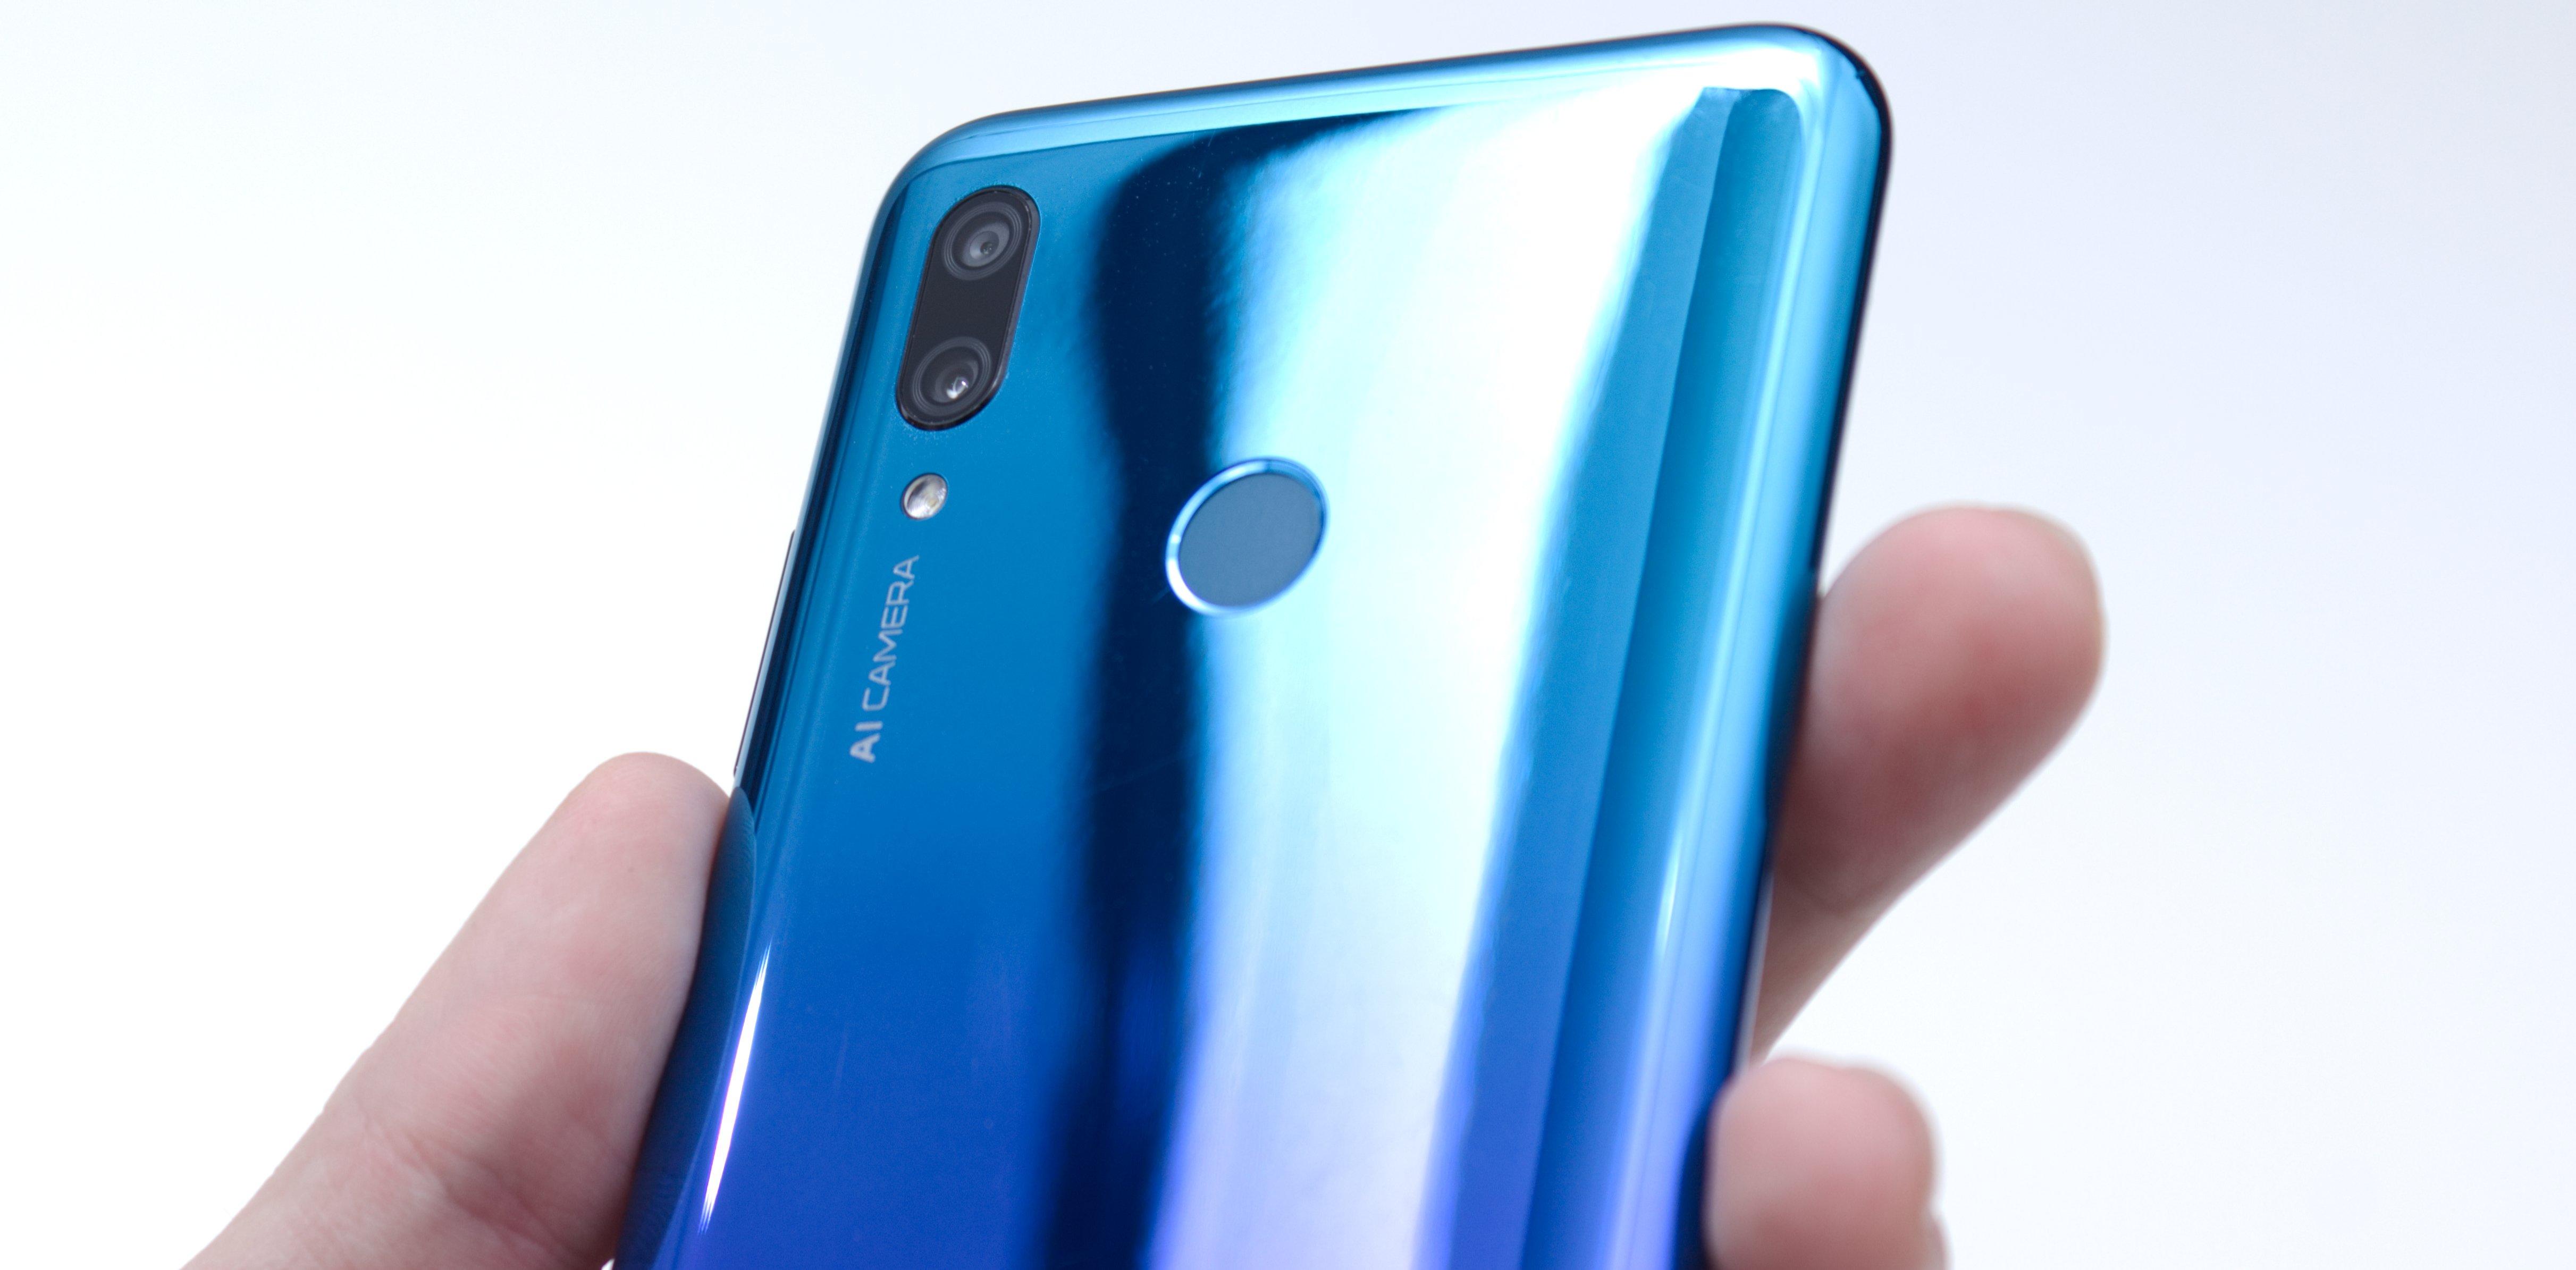 Jaki smartfon do 700 zł warto kupić? (marzec 2020) 17